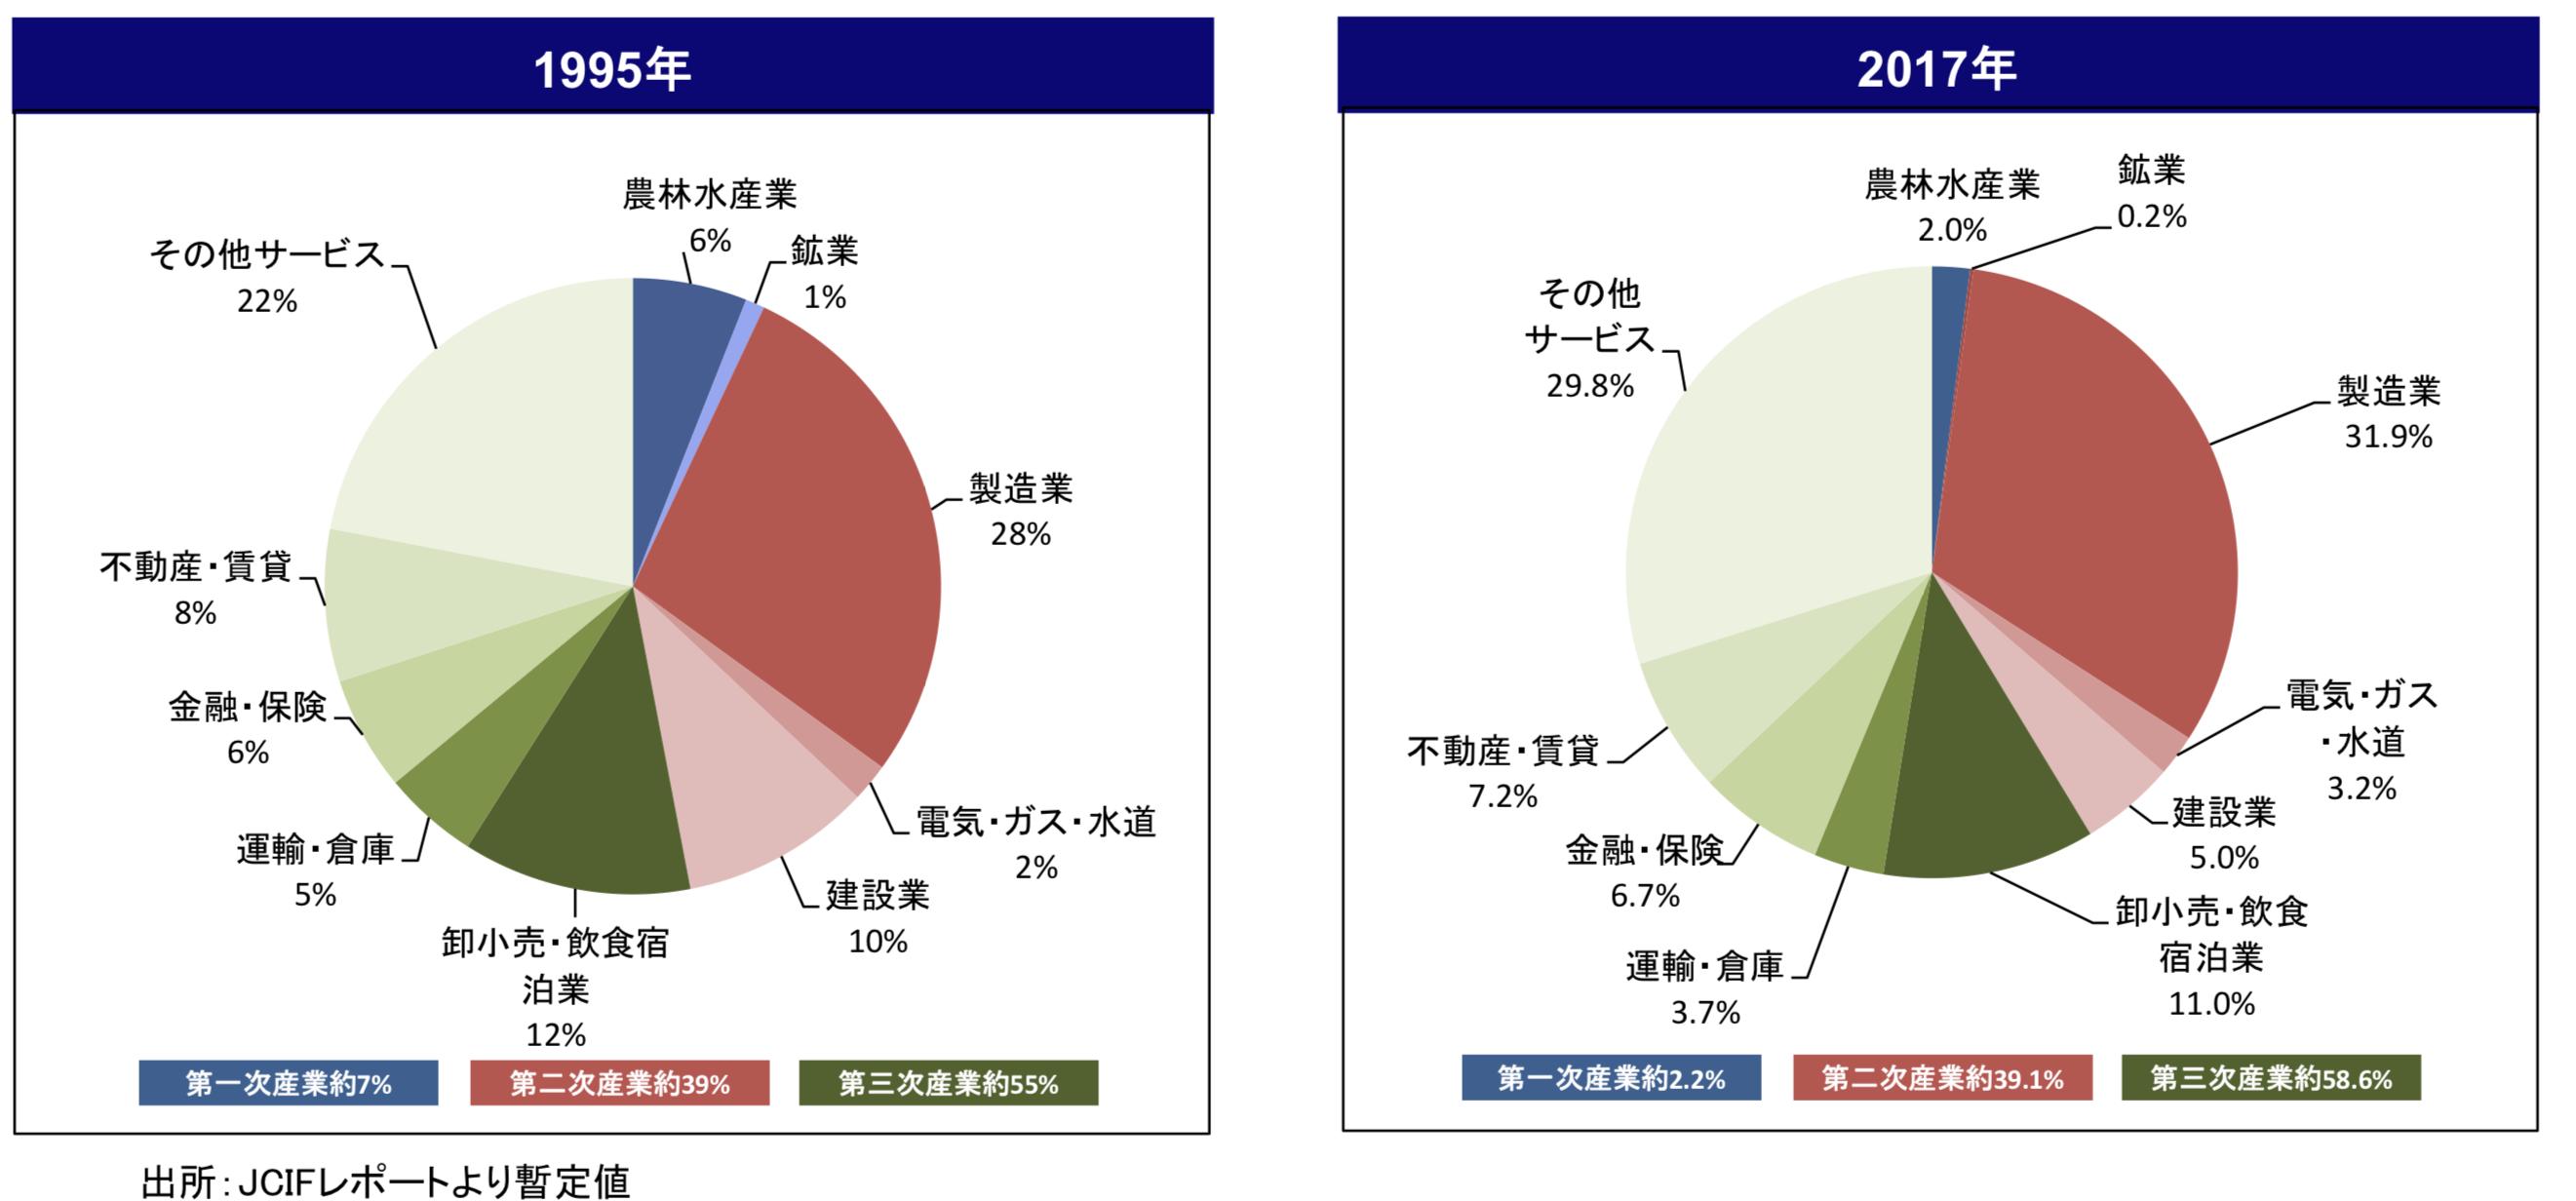 韓国の産業構造の変化